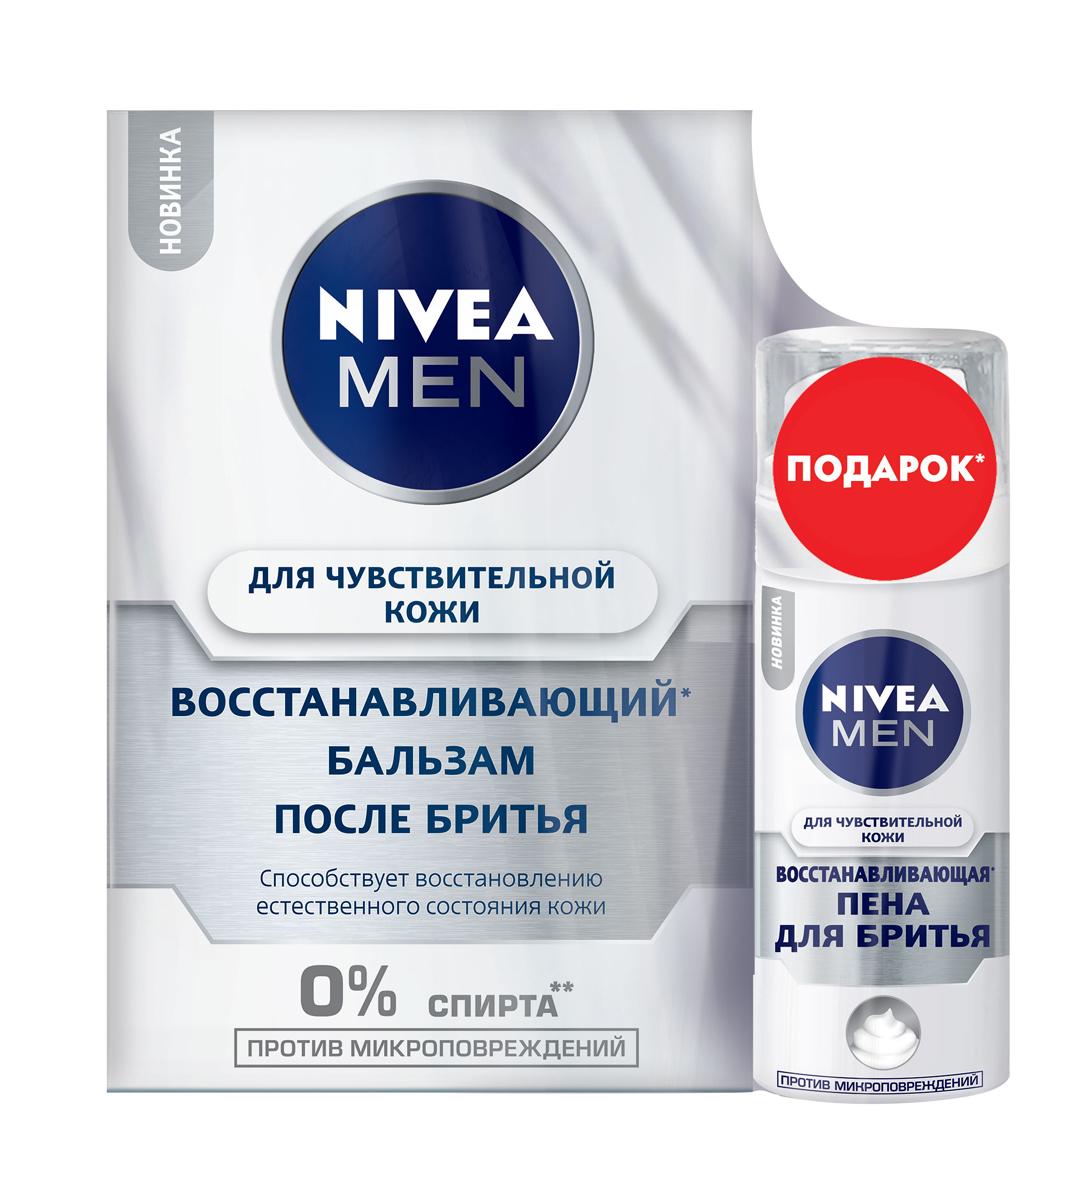 Nivea Бальзам после бритья Восстанавливающий, 100 мл+Мини пена Восстанавливающая, 35мл15032029Бальзам после бритья быстро восстанавливает микроповреждения кожи. Ромашка Обладает сильным заживляющим и успокаивающим свойством. Солодка Ликохалкон А» является основным ингредиентом экстракта солодки и является самым эффективным противовоспалительным ингредиентом в уходе за кожей. Мини-пена в подарок!